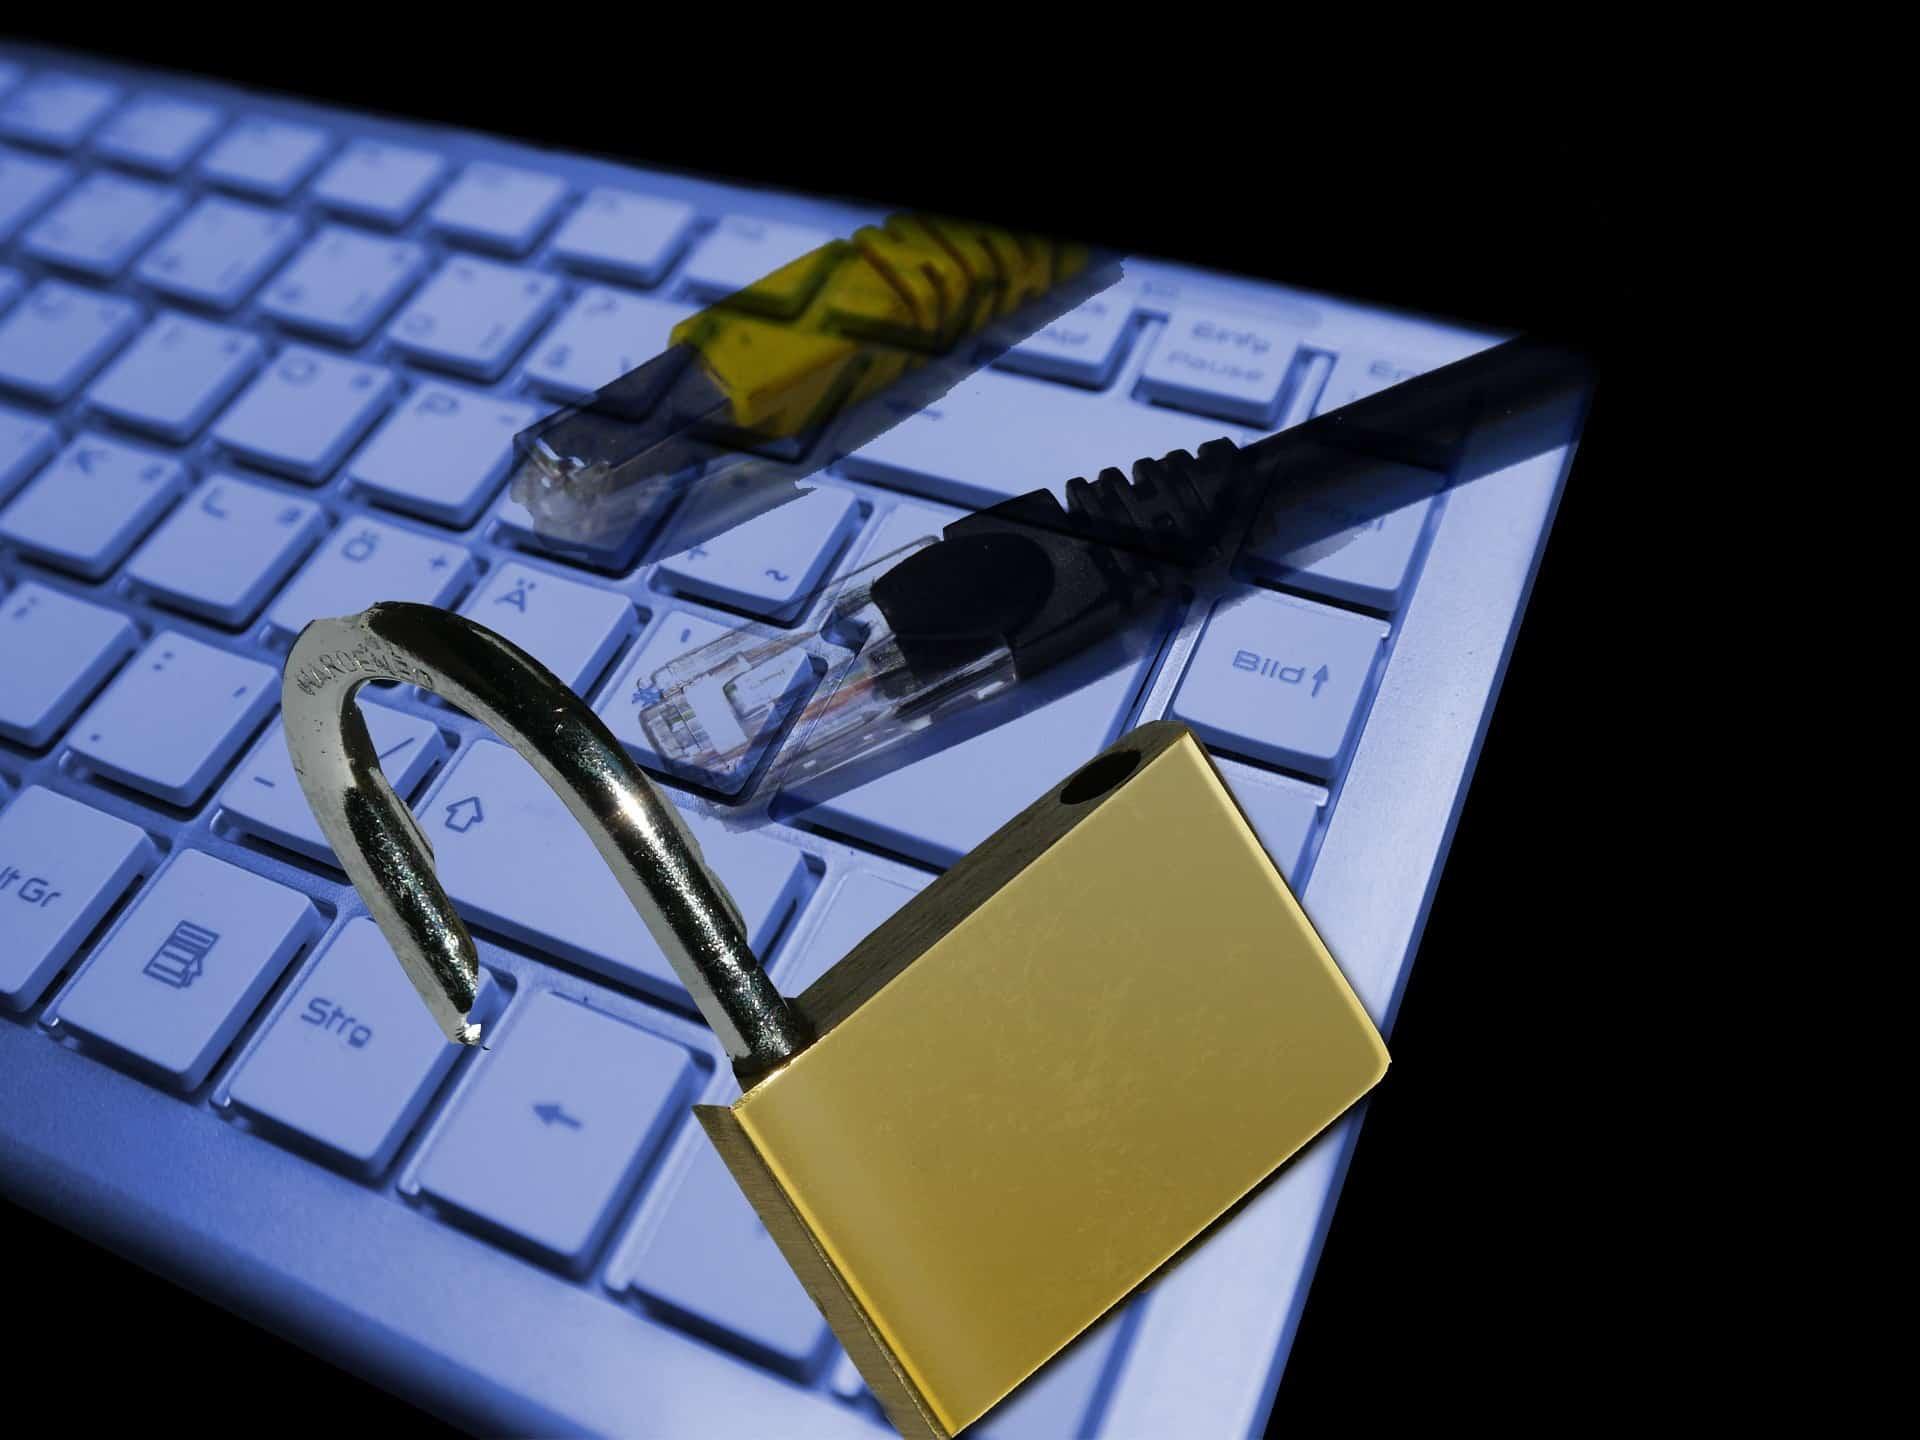 More security via SSL and Authenticode